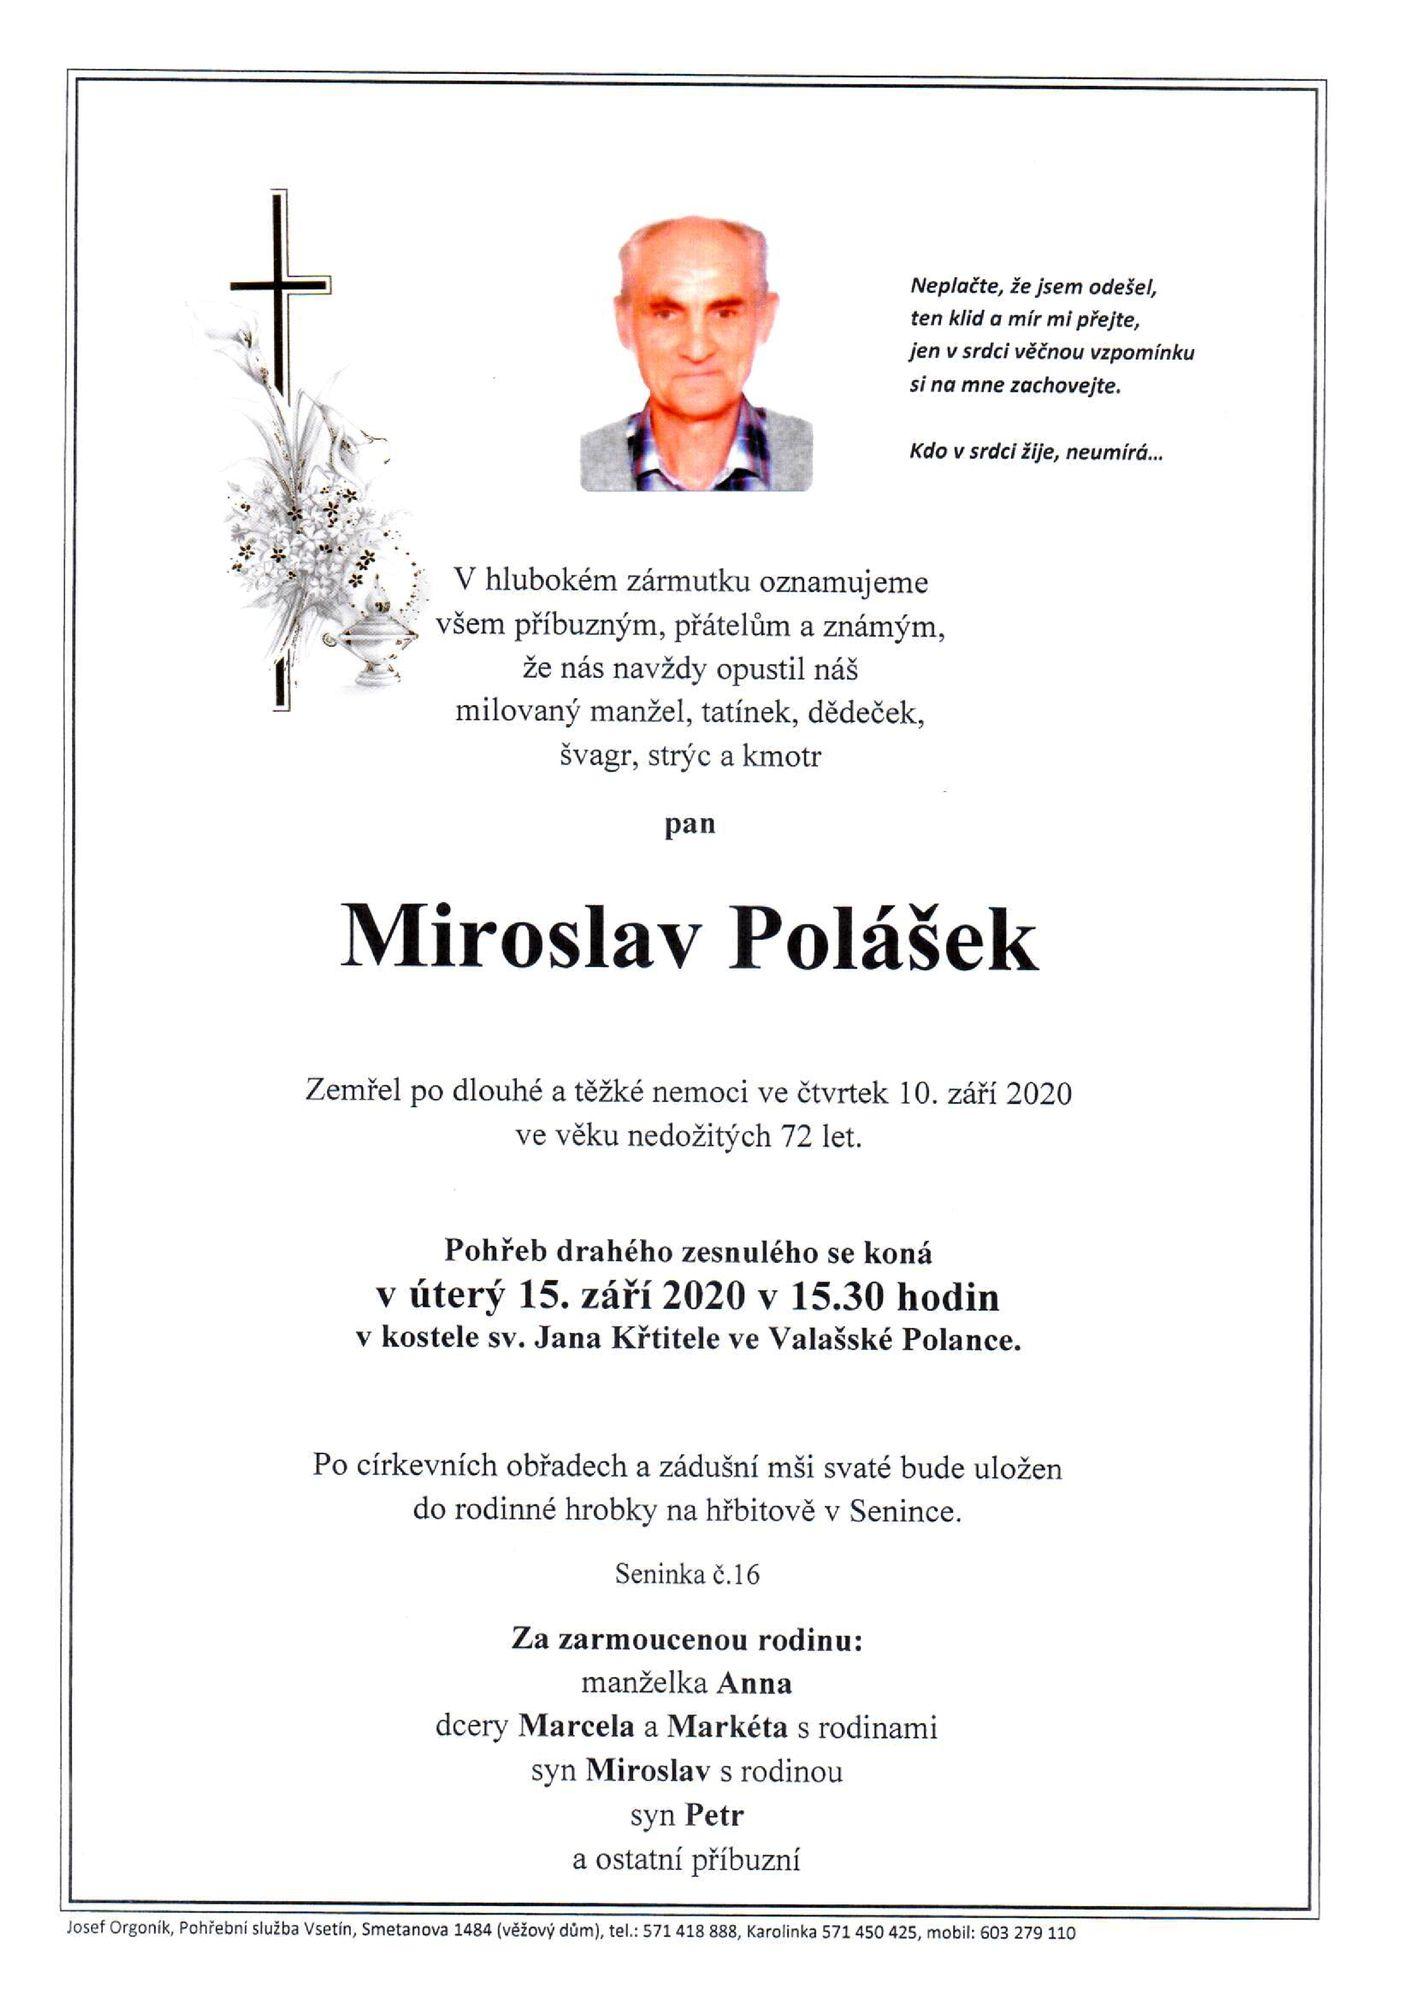 Miroslav Polášek